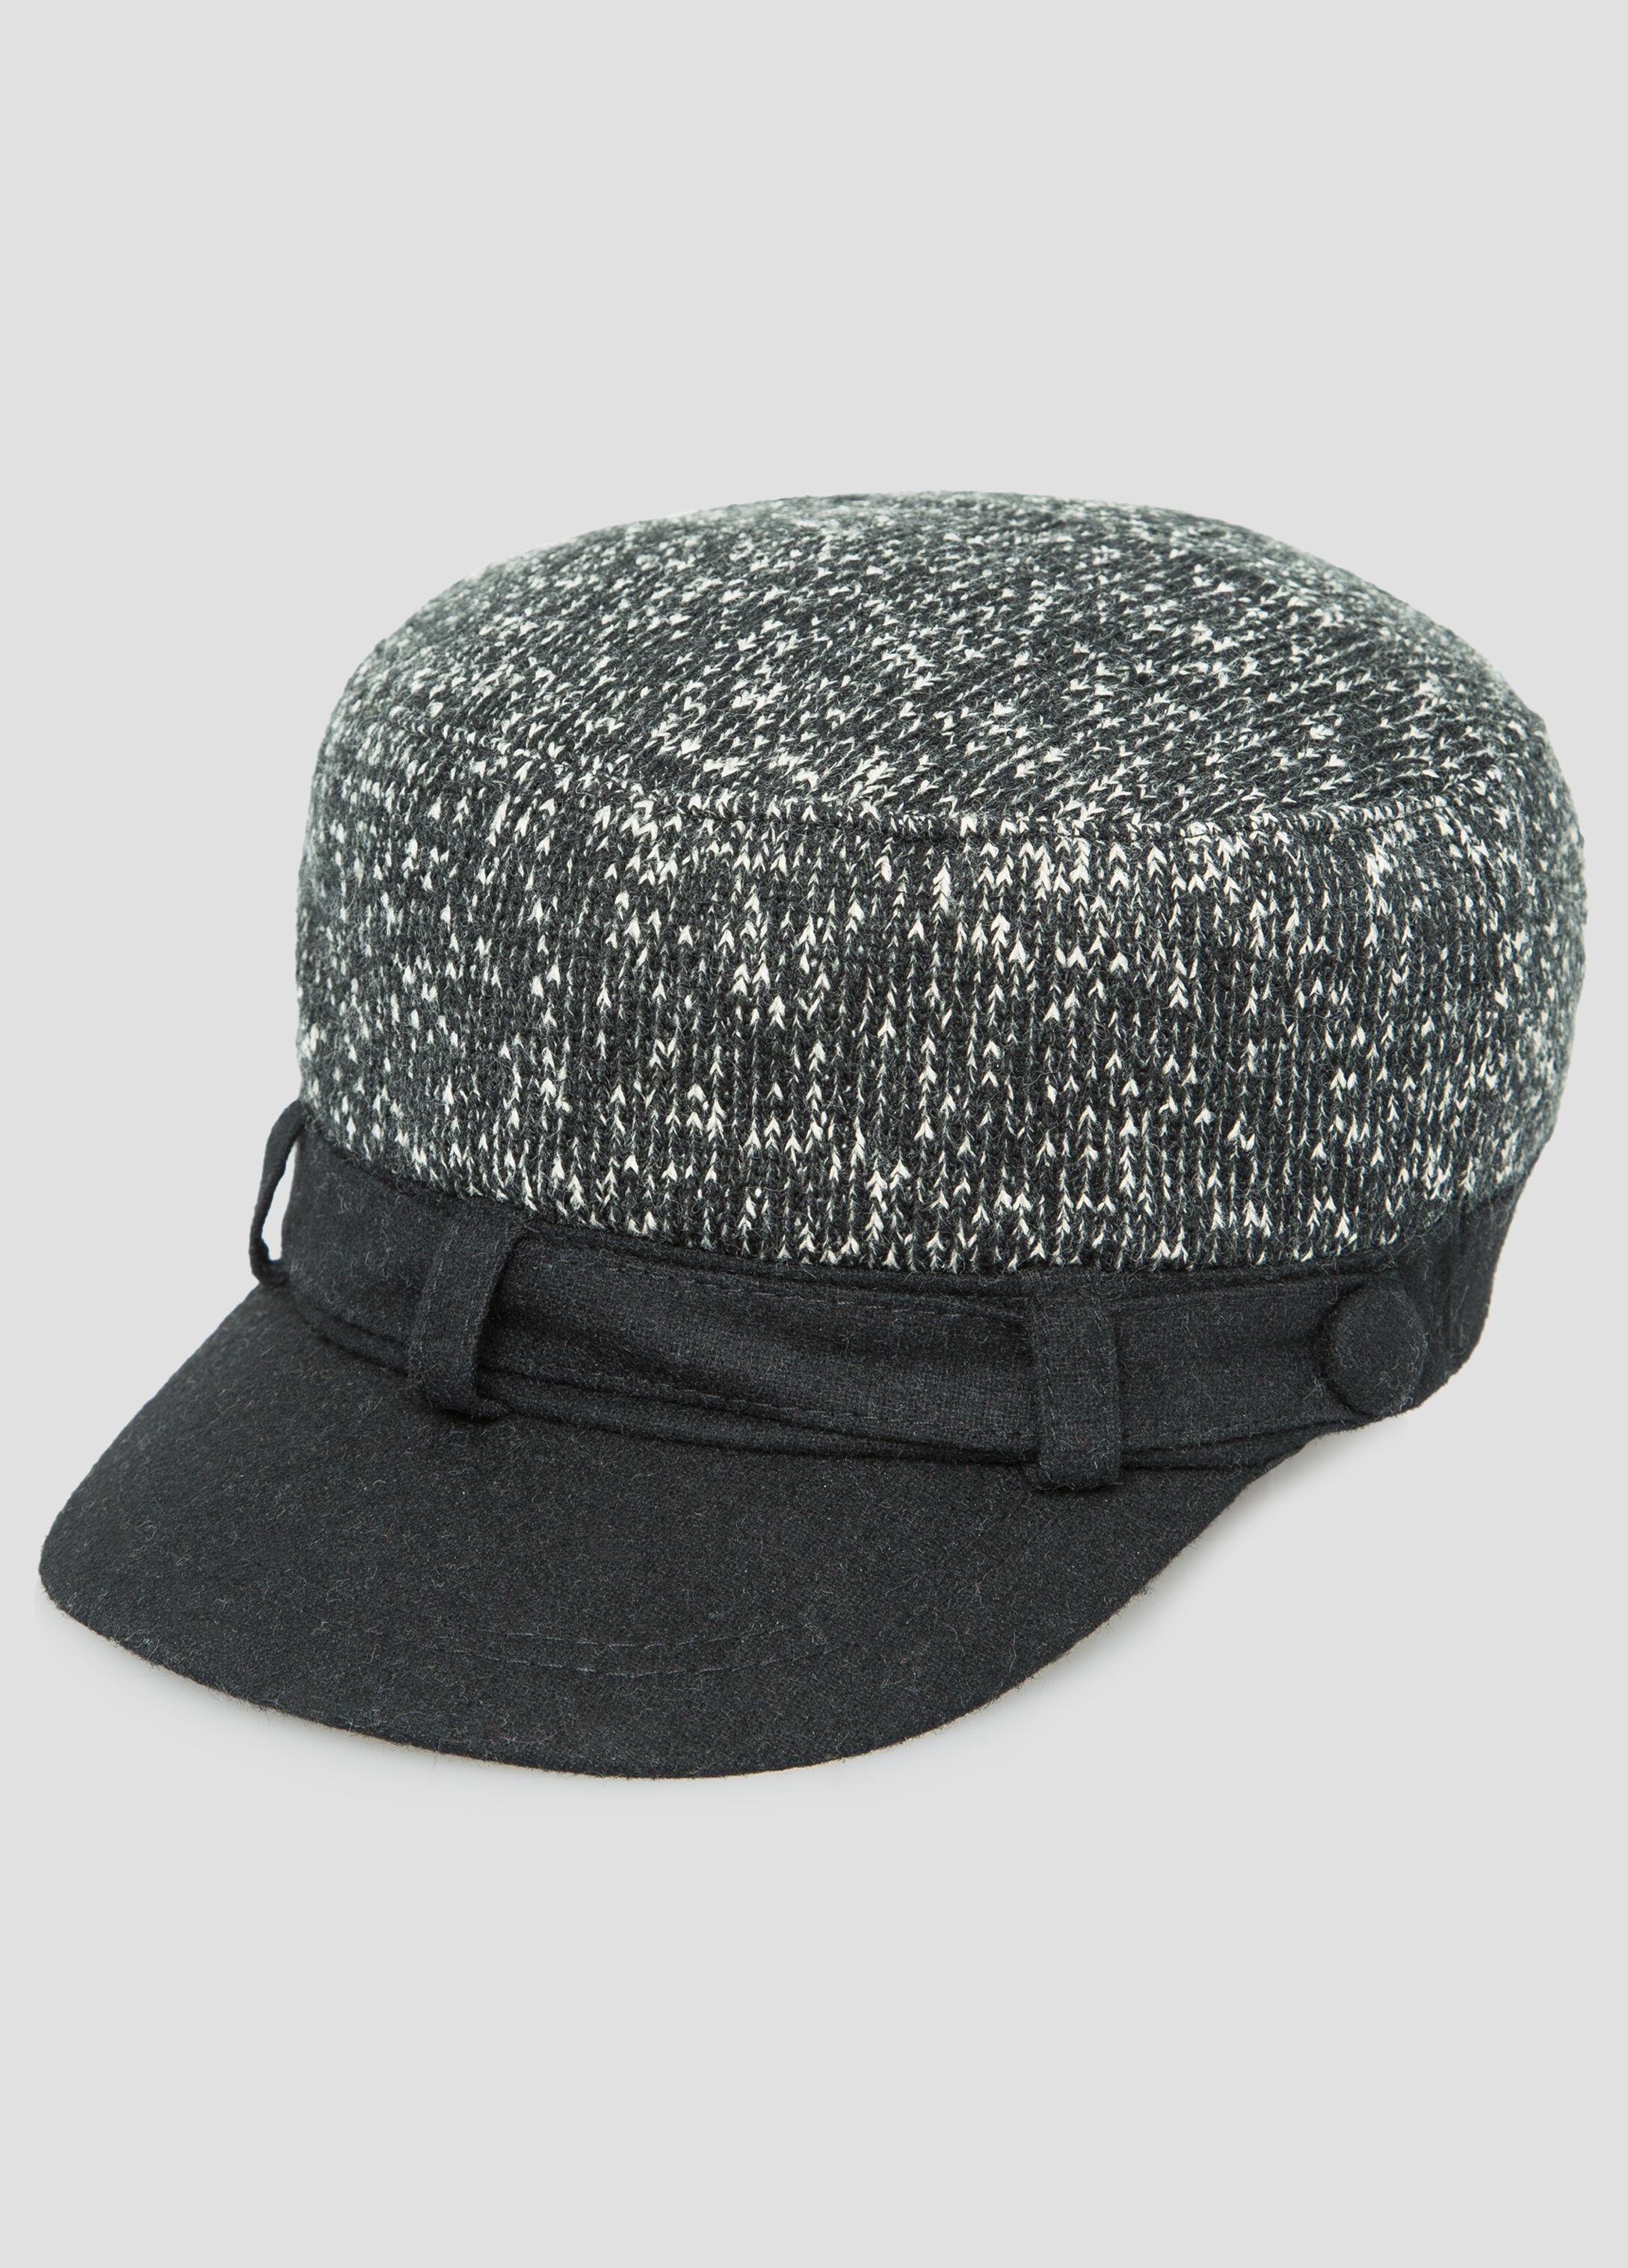 Marled Knit Newsboy Hat